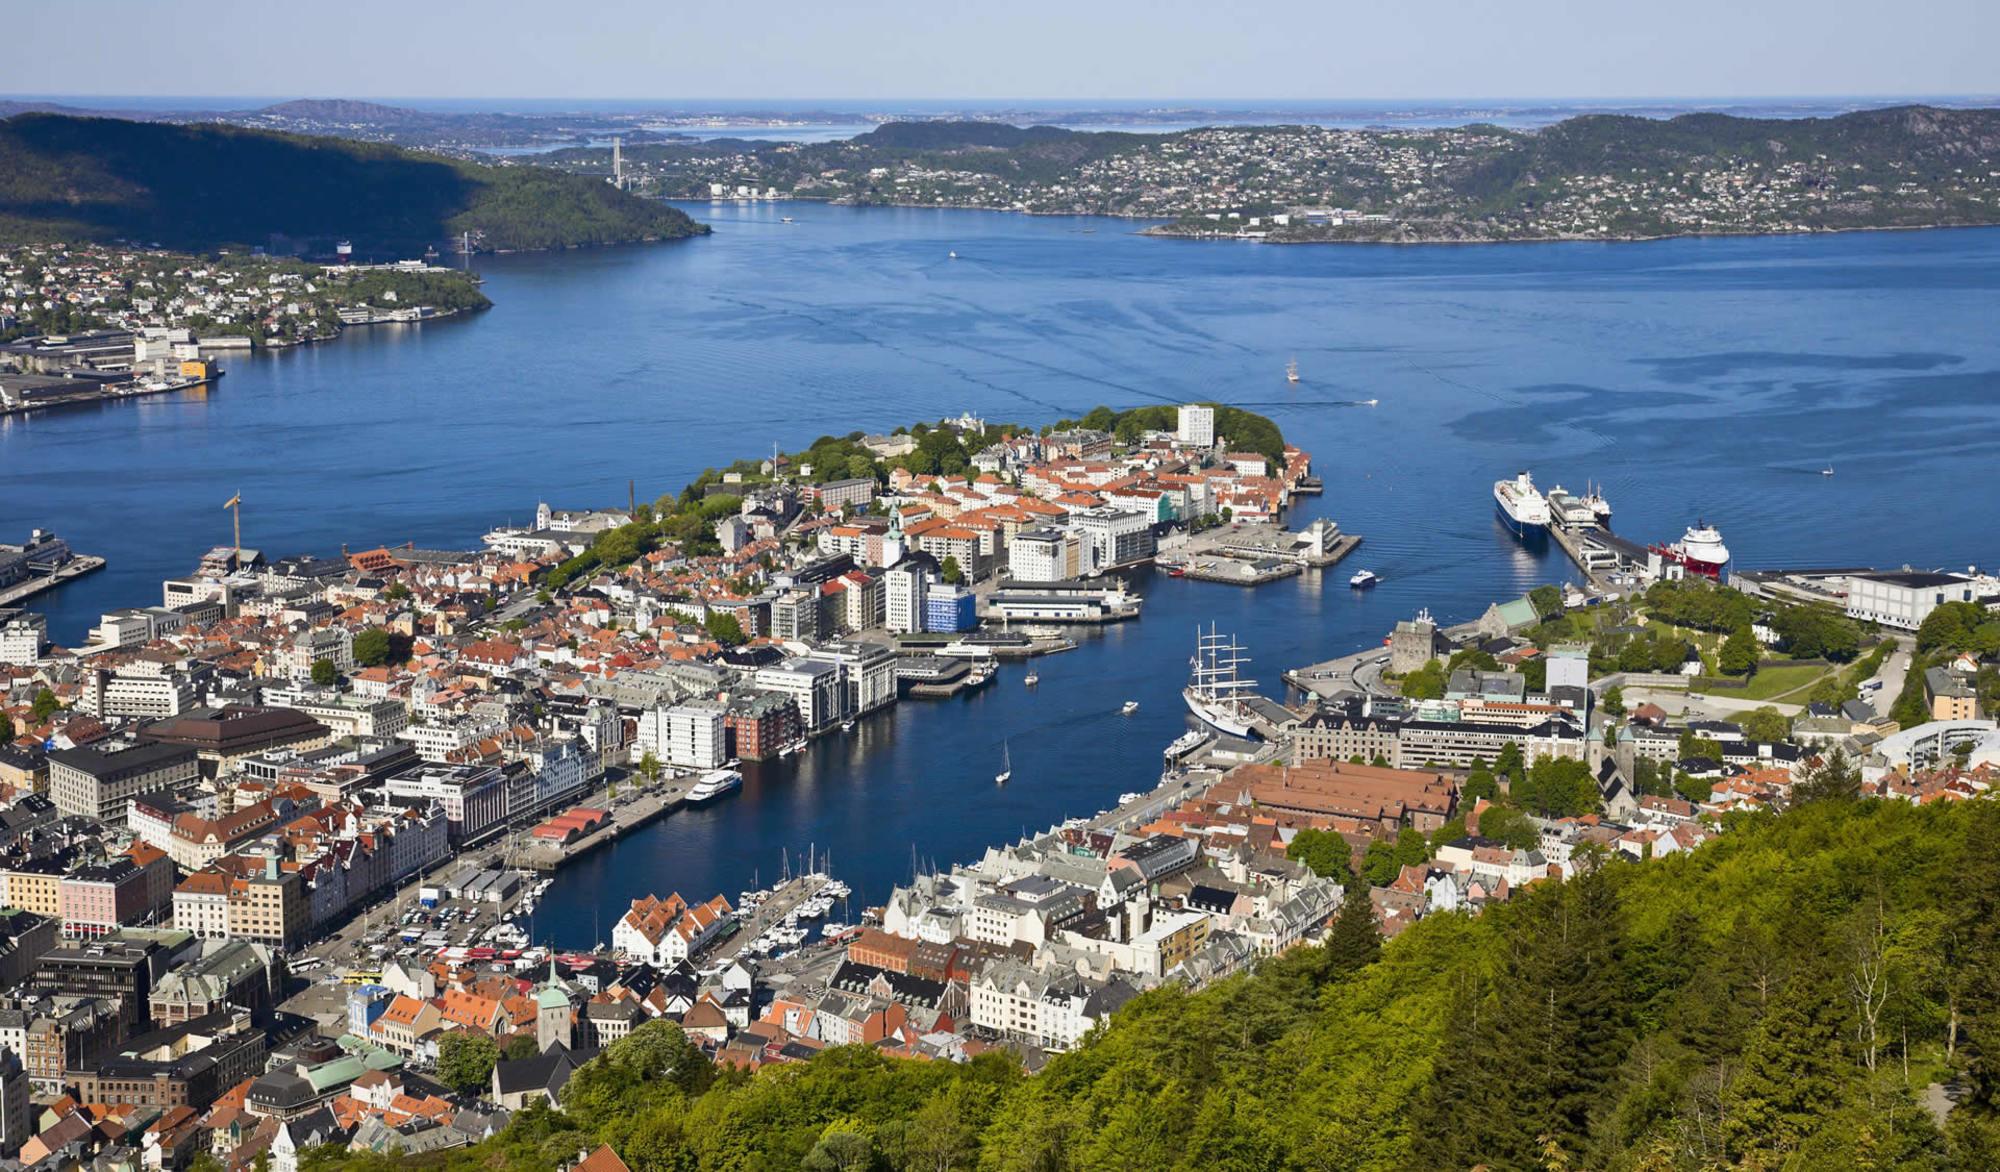 Du finner mange flinke hud og velvære salonger i Bergen-området.